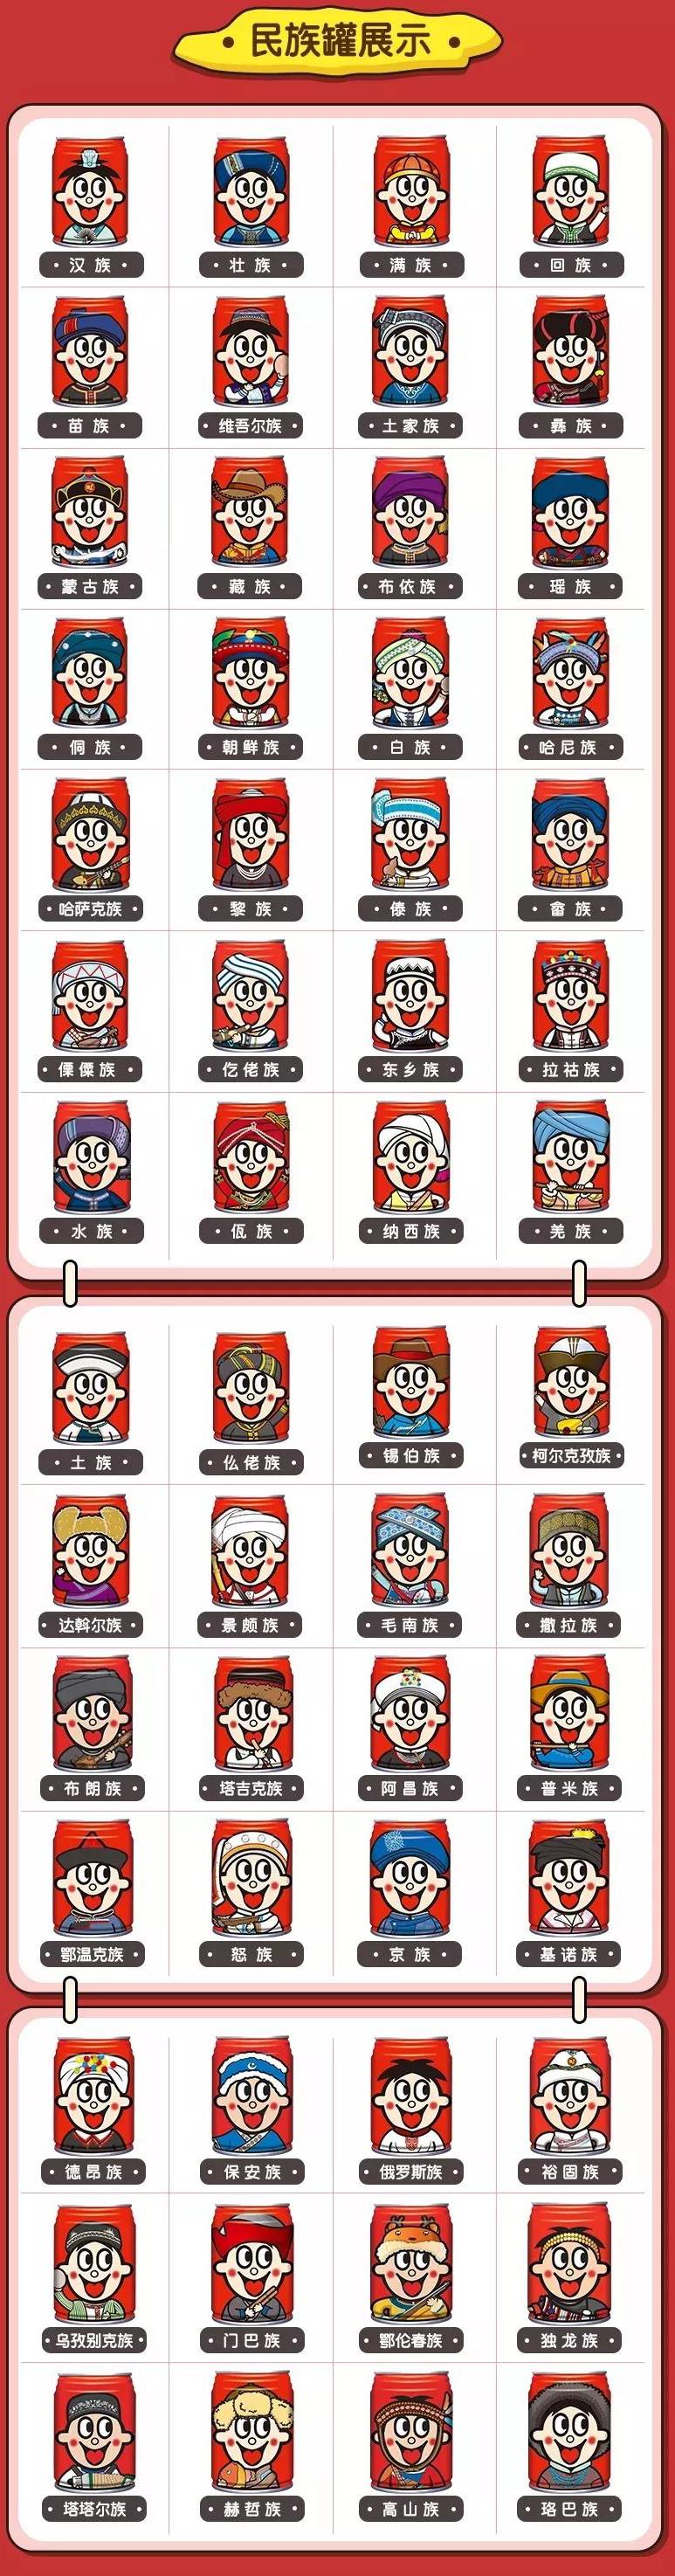 旺旺-56个民族